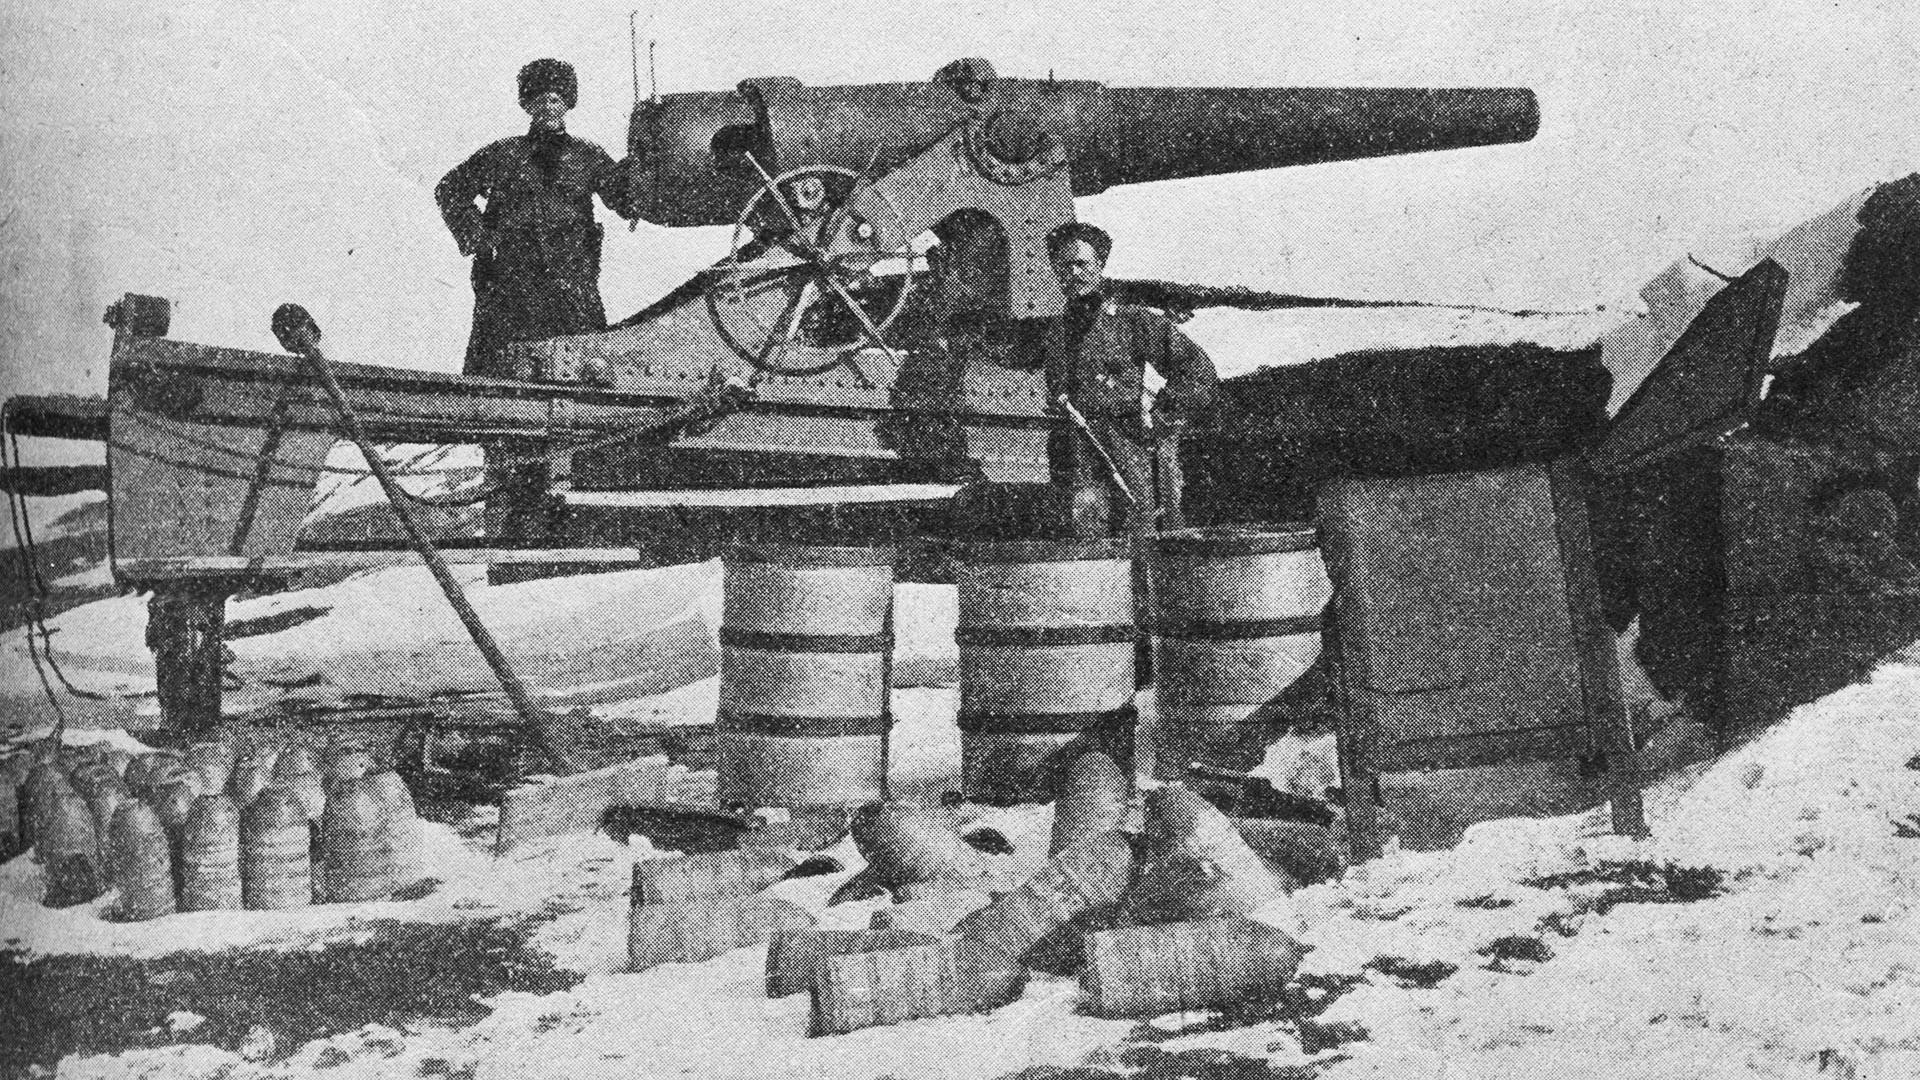 Il cannone d'artiglieria turco, catturato dai russi a Erzurum, in Turchia